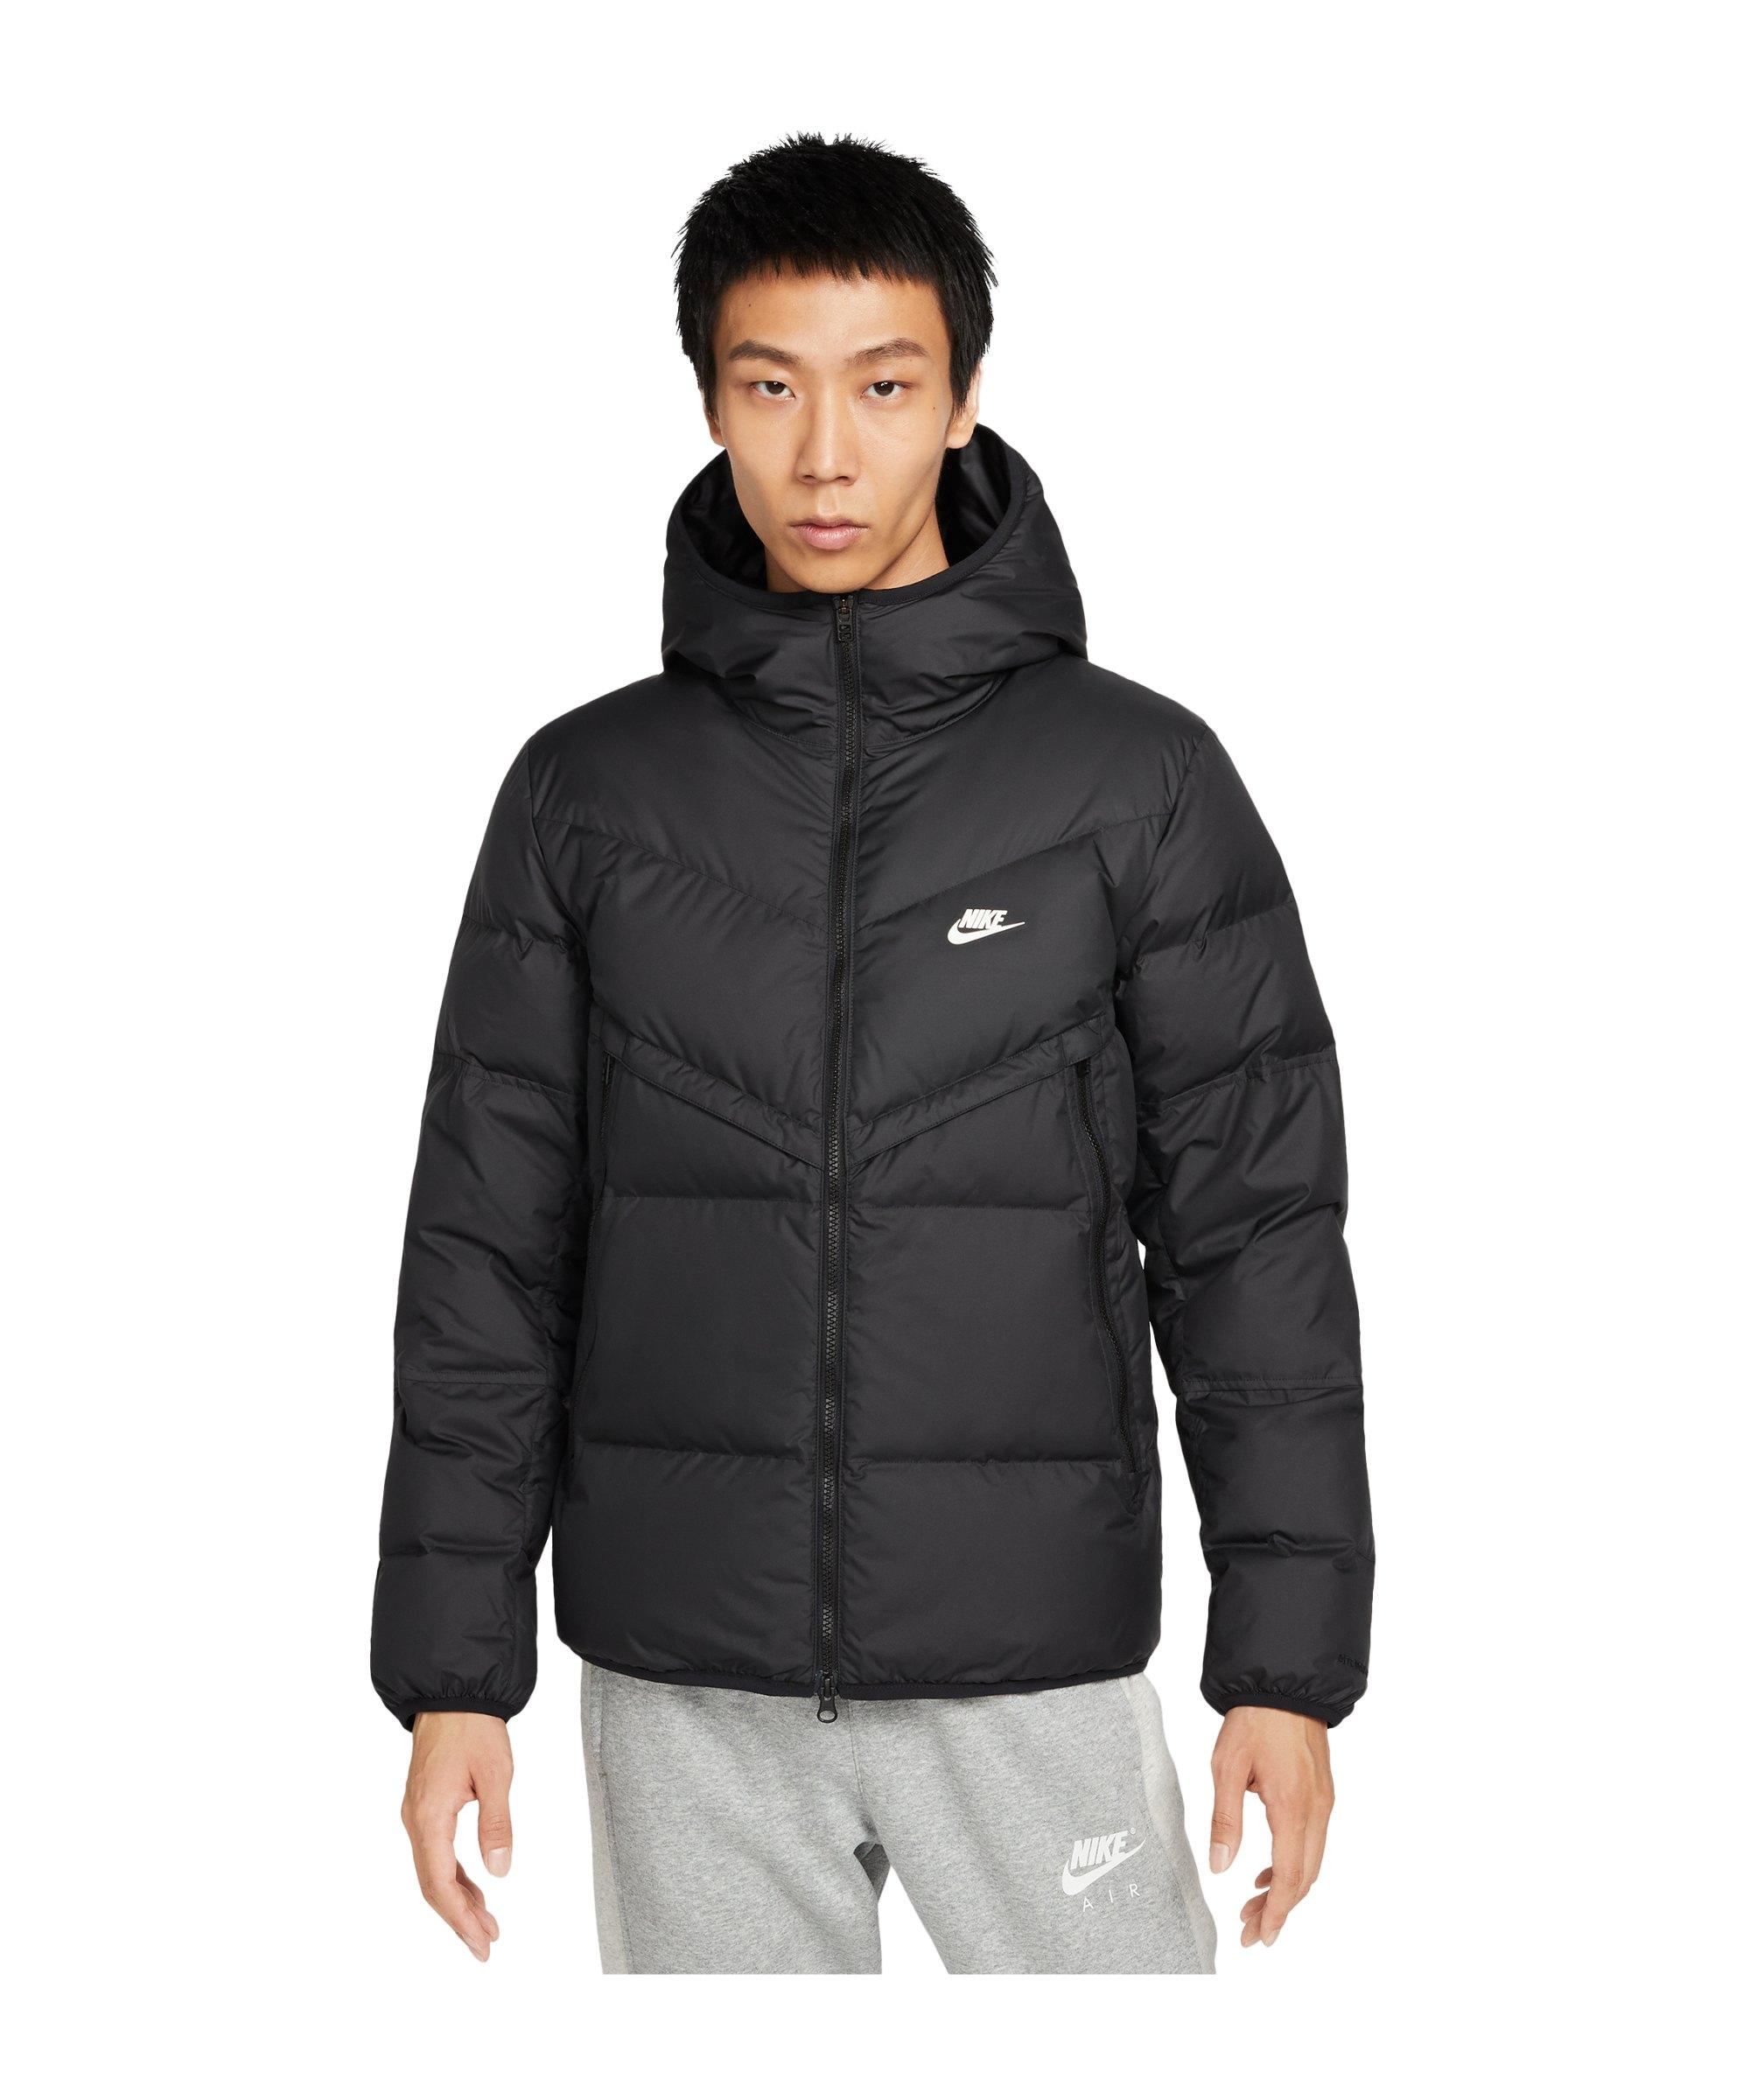 Nike Storm-FIT Winterjacke Schwarz F010 - schwarz